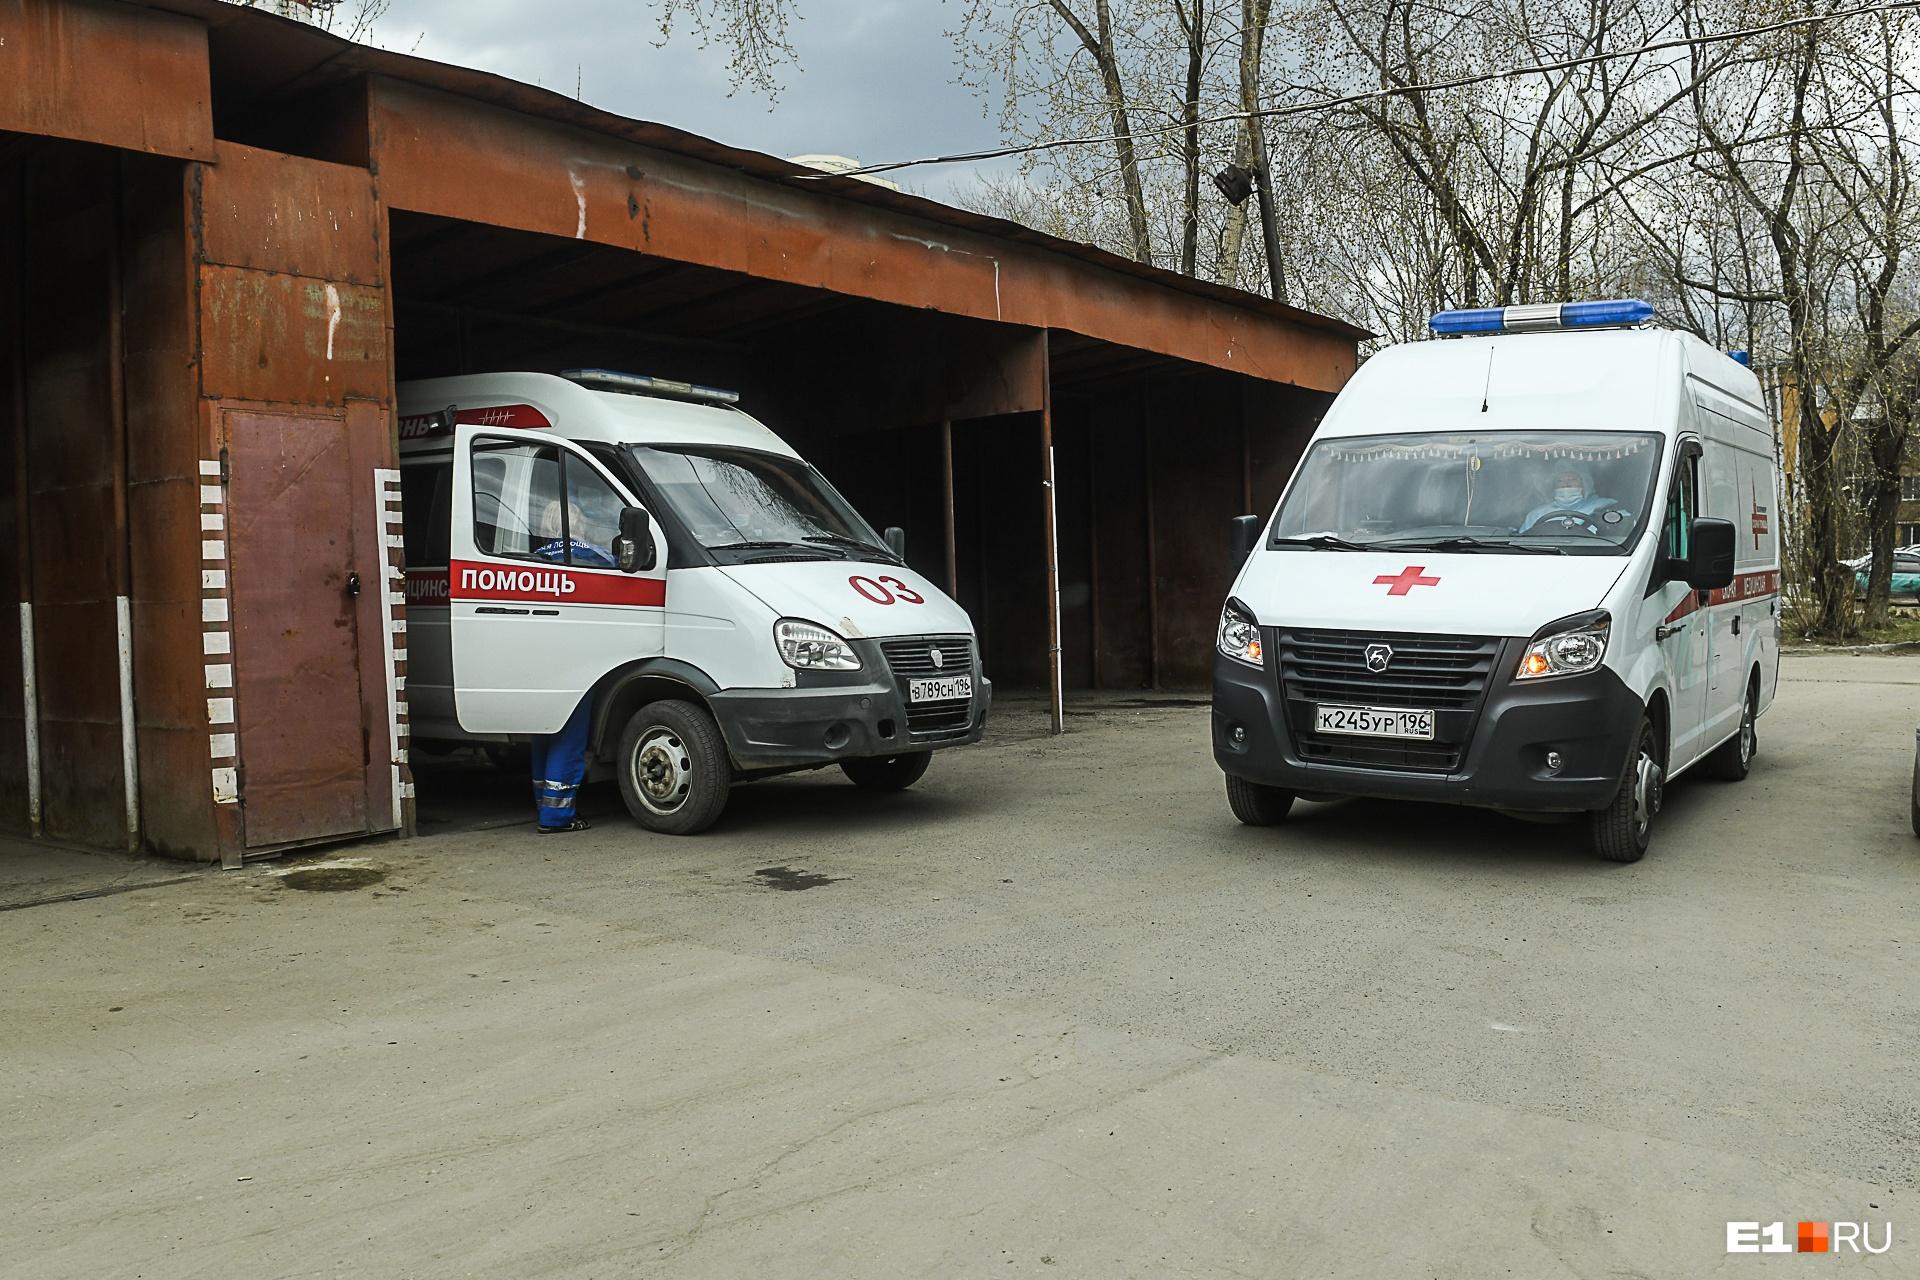 Всего в Екатеринбурге работают две психиатрические бригады